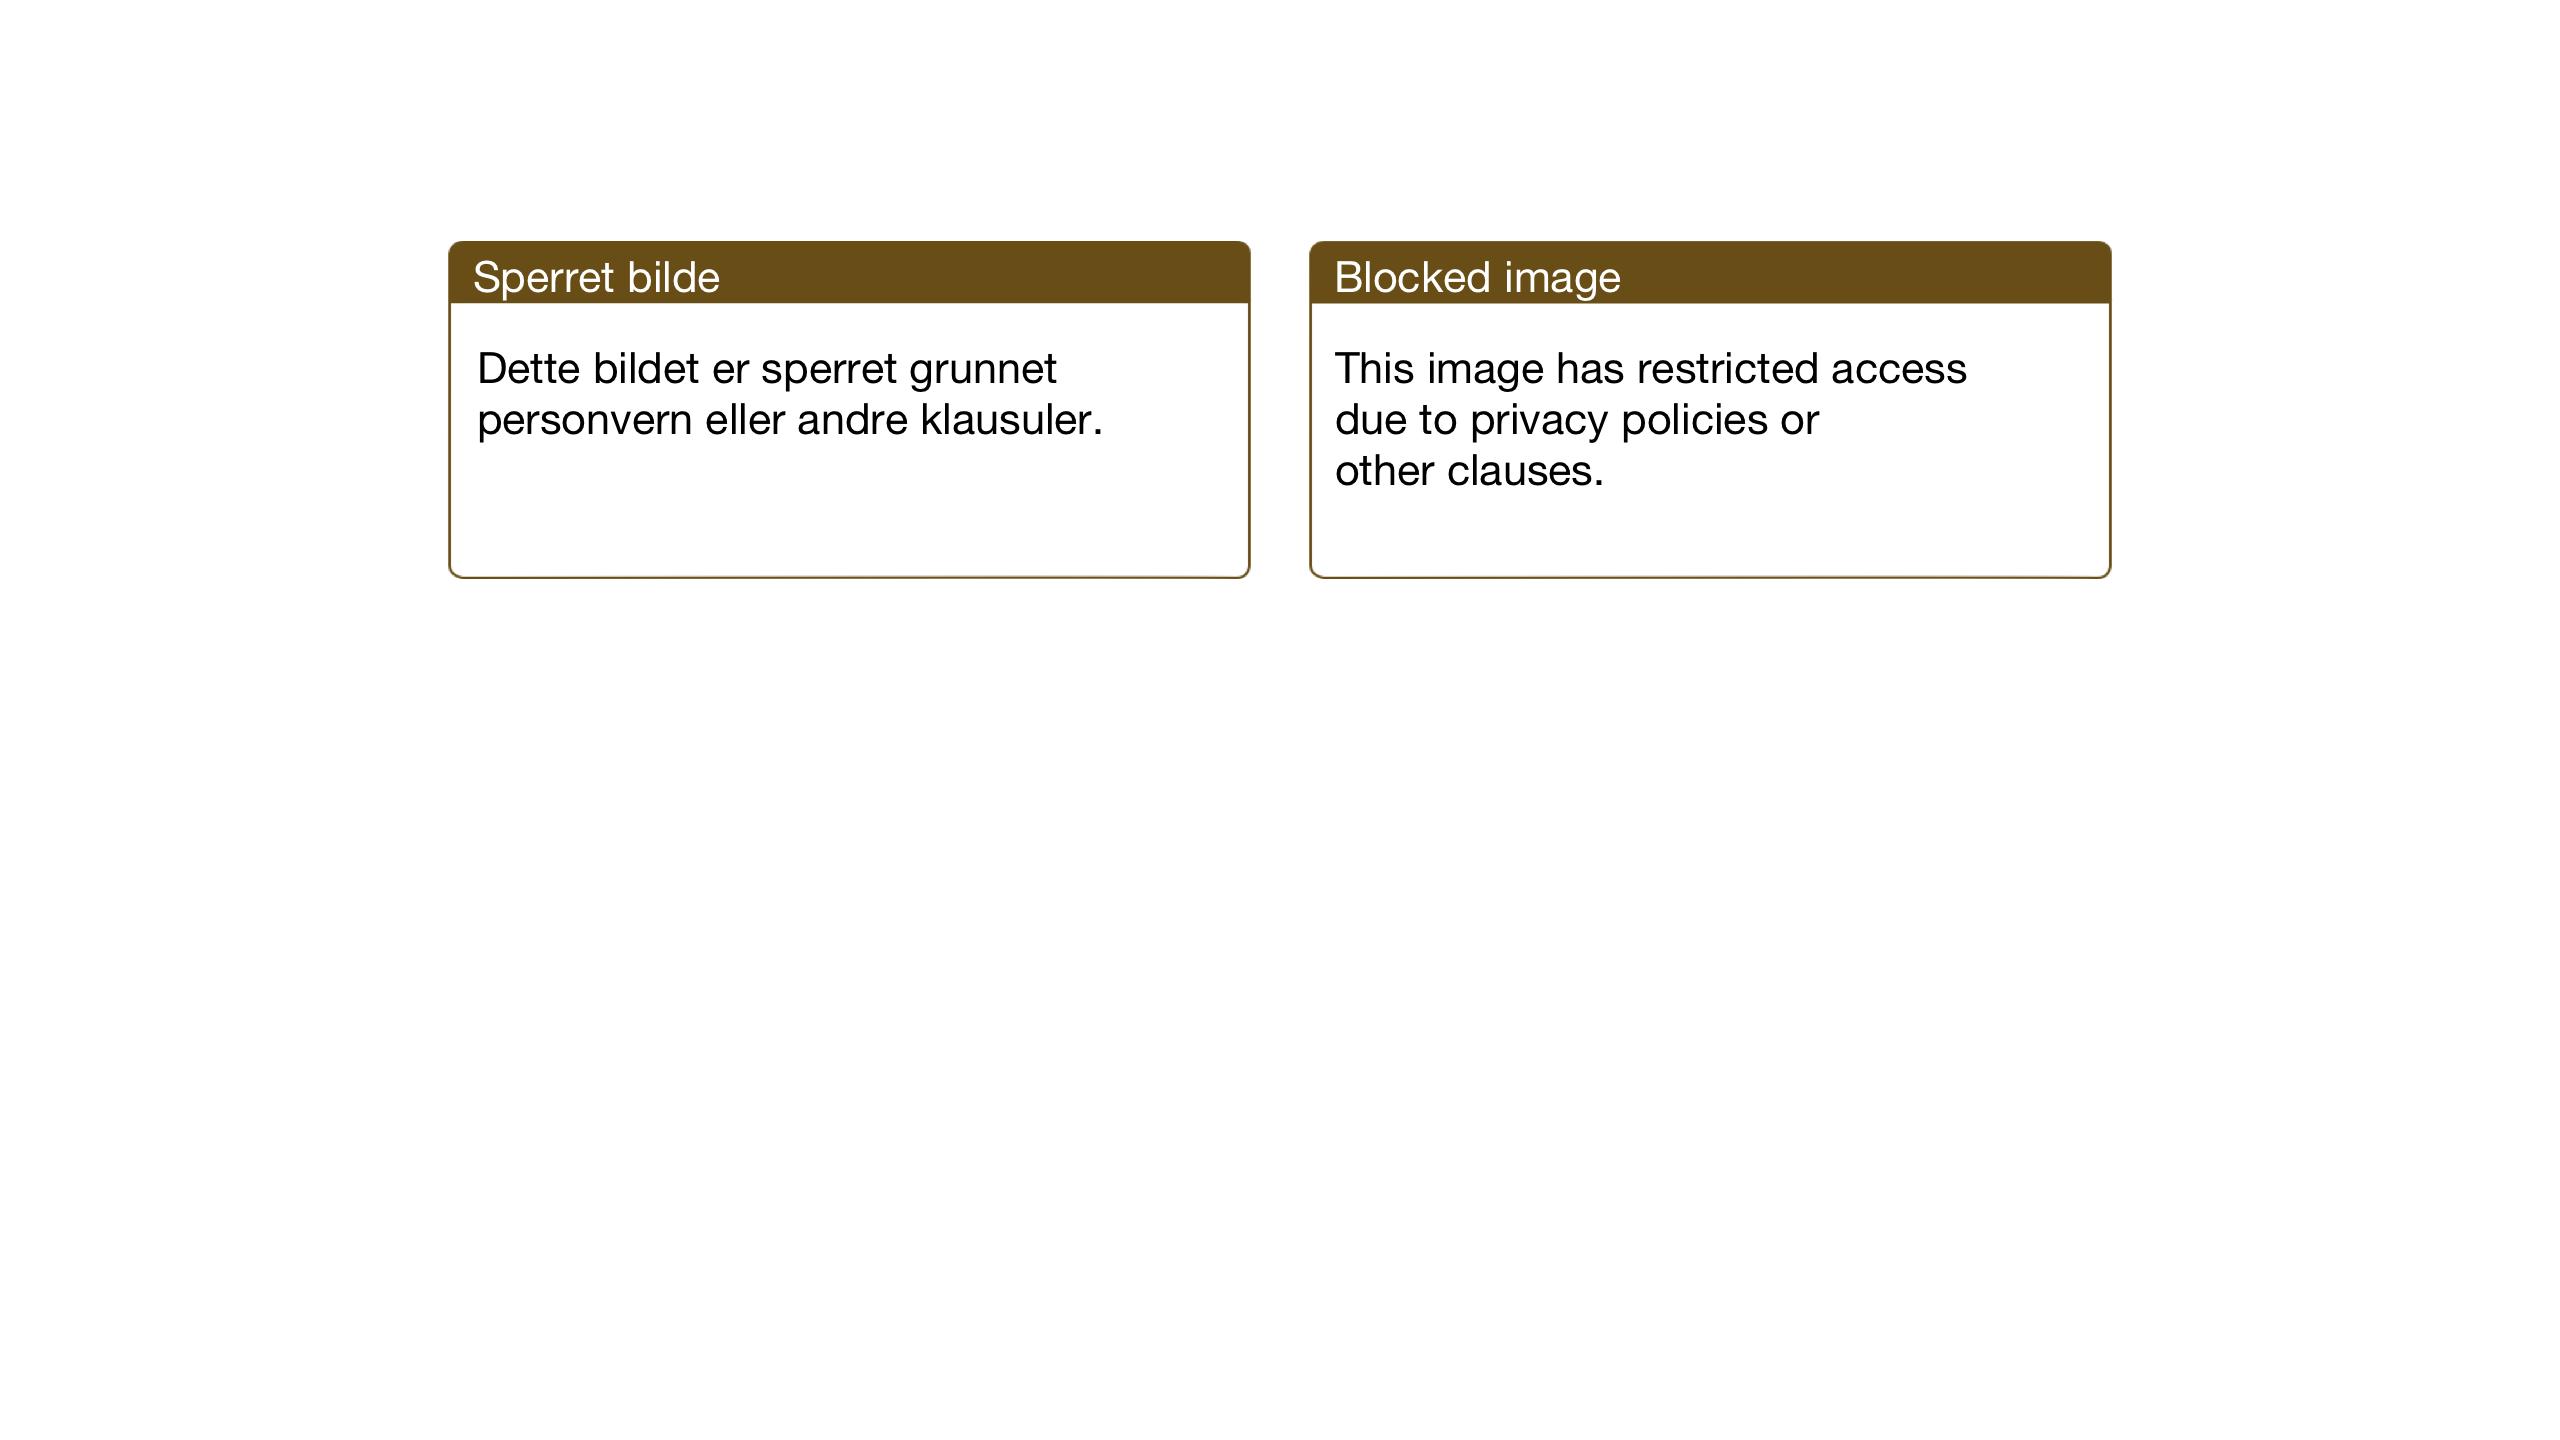 SAT, Ministerialprotokoller, klokkerbøker og fødselsregistre - Nord-Trøndelag, 747/L0460: Klokkerbok nr. 747C02, 1908-1939, s. 40